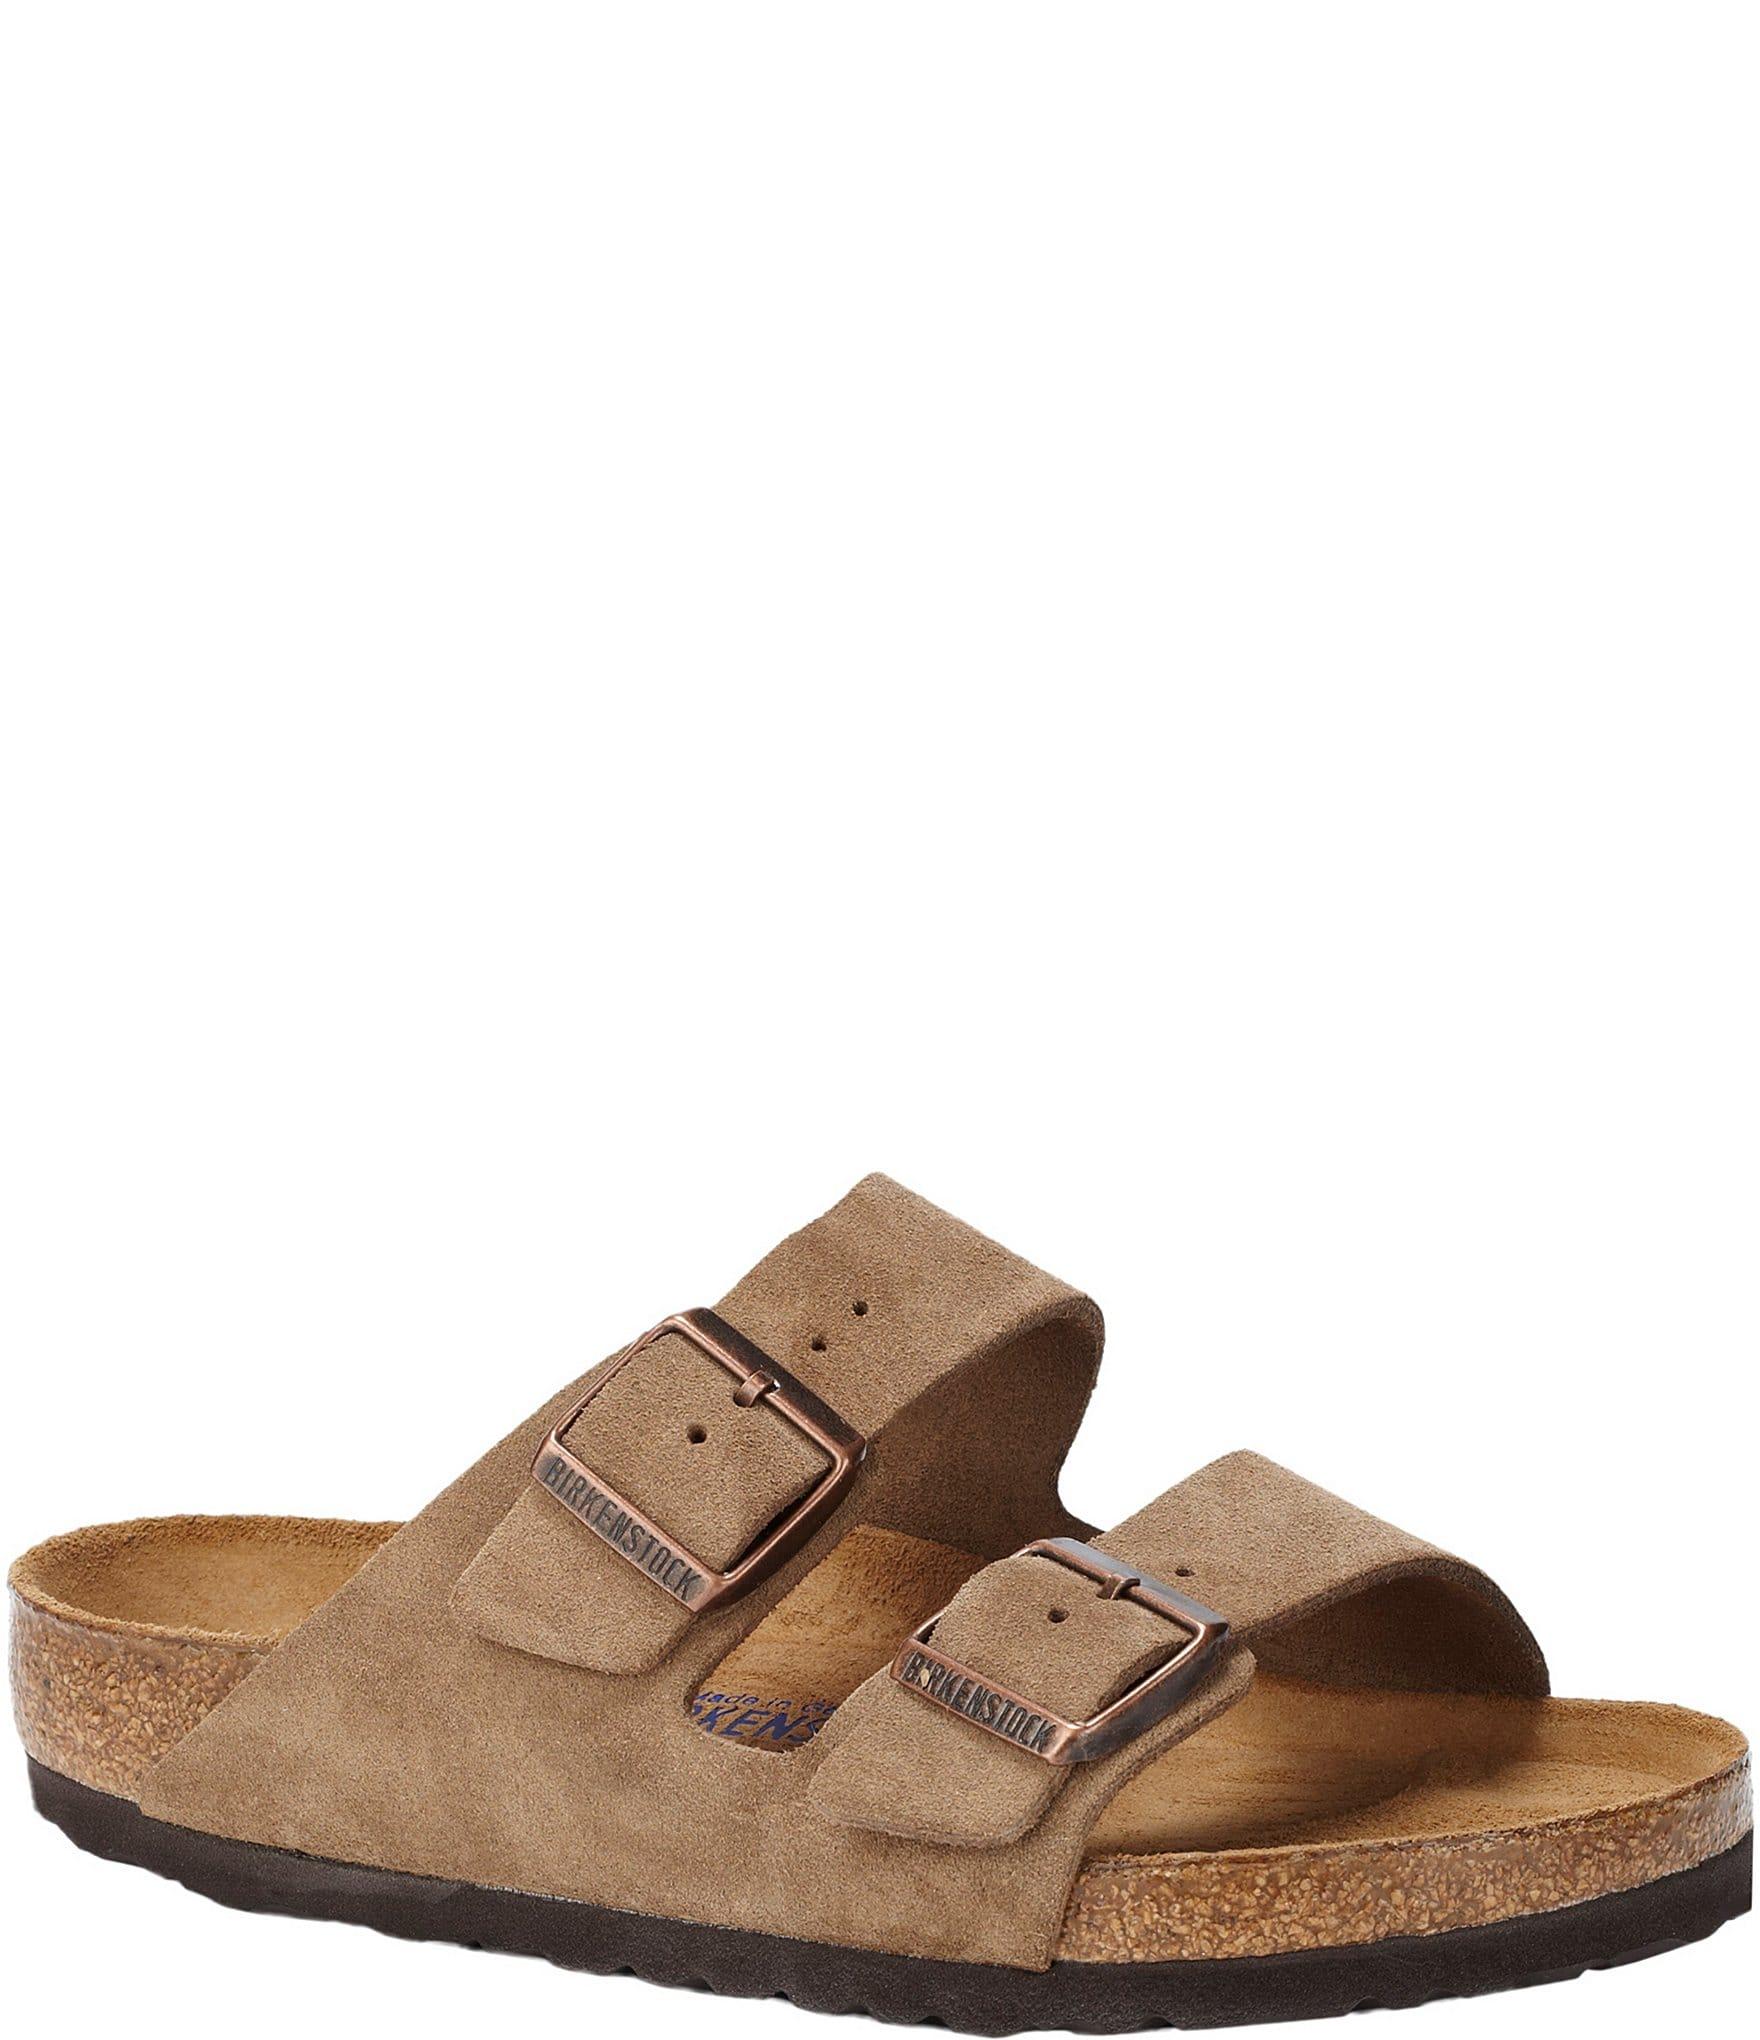 e98a728f77b Women s Flat Sandals